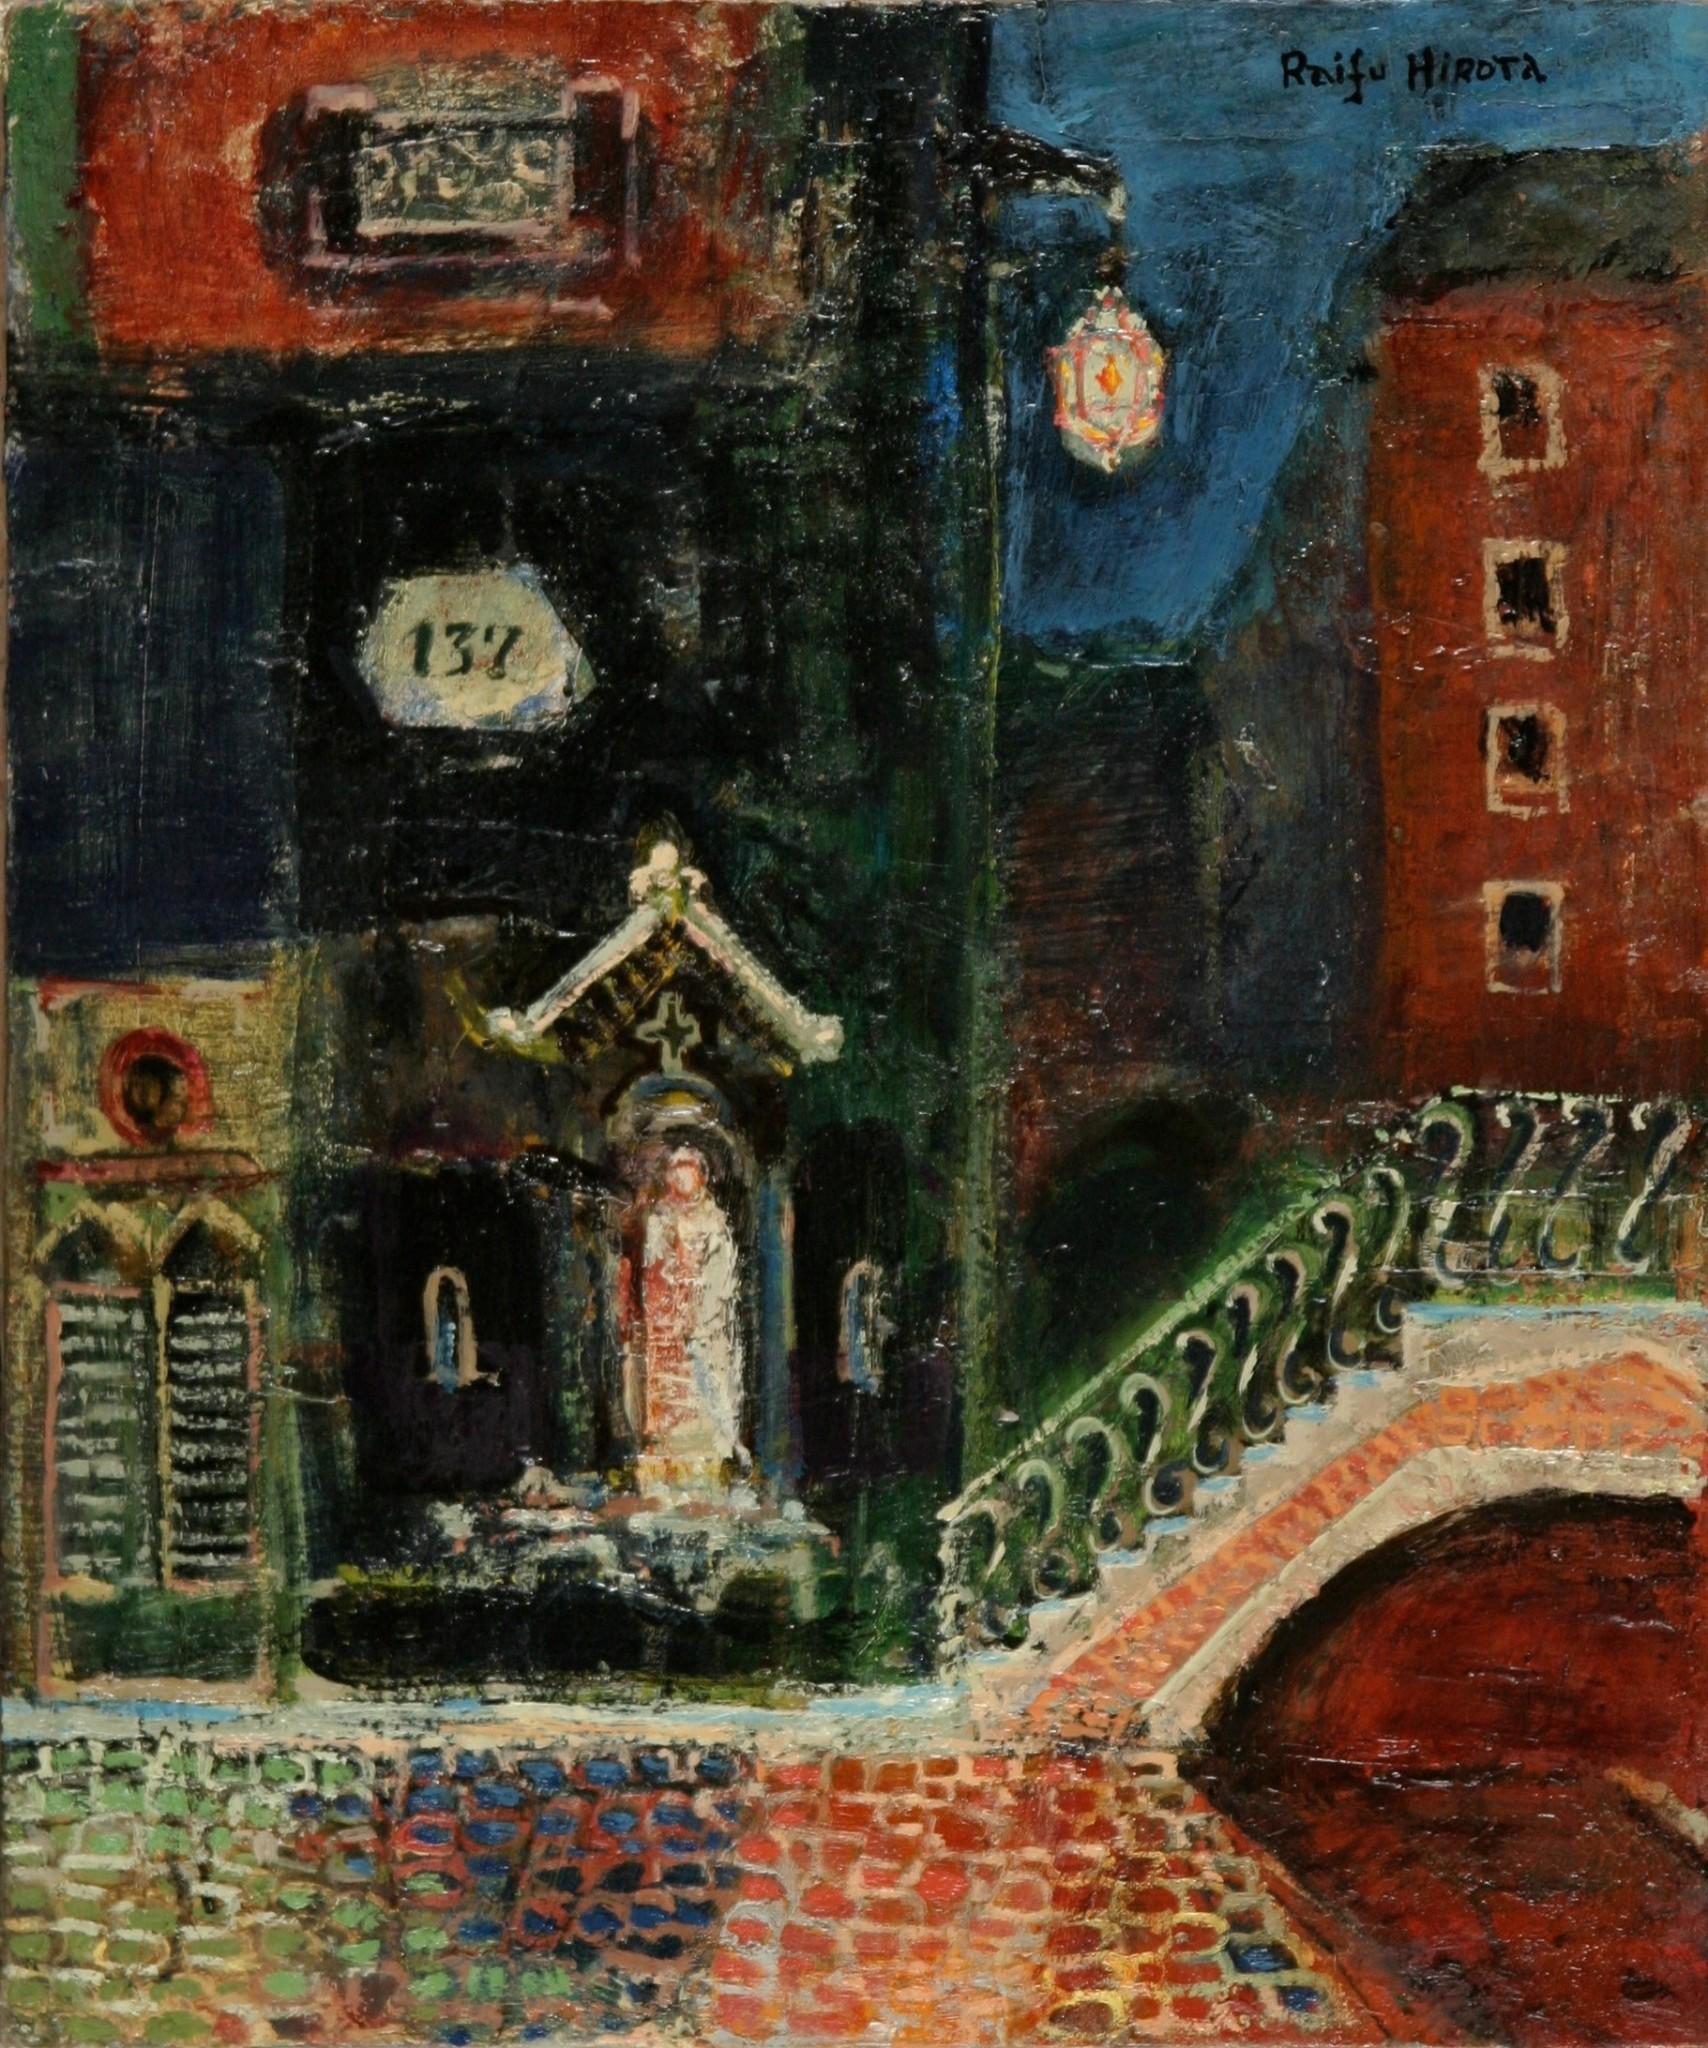 ヴェネチアの街角